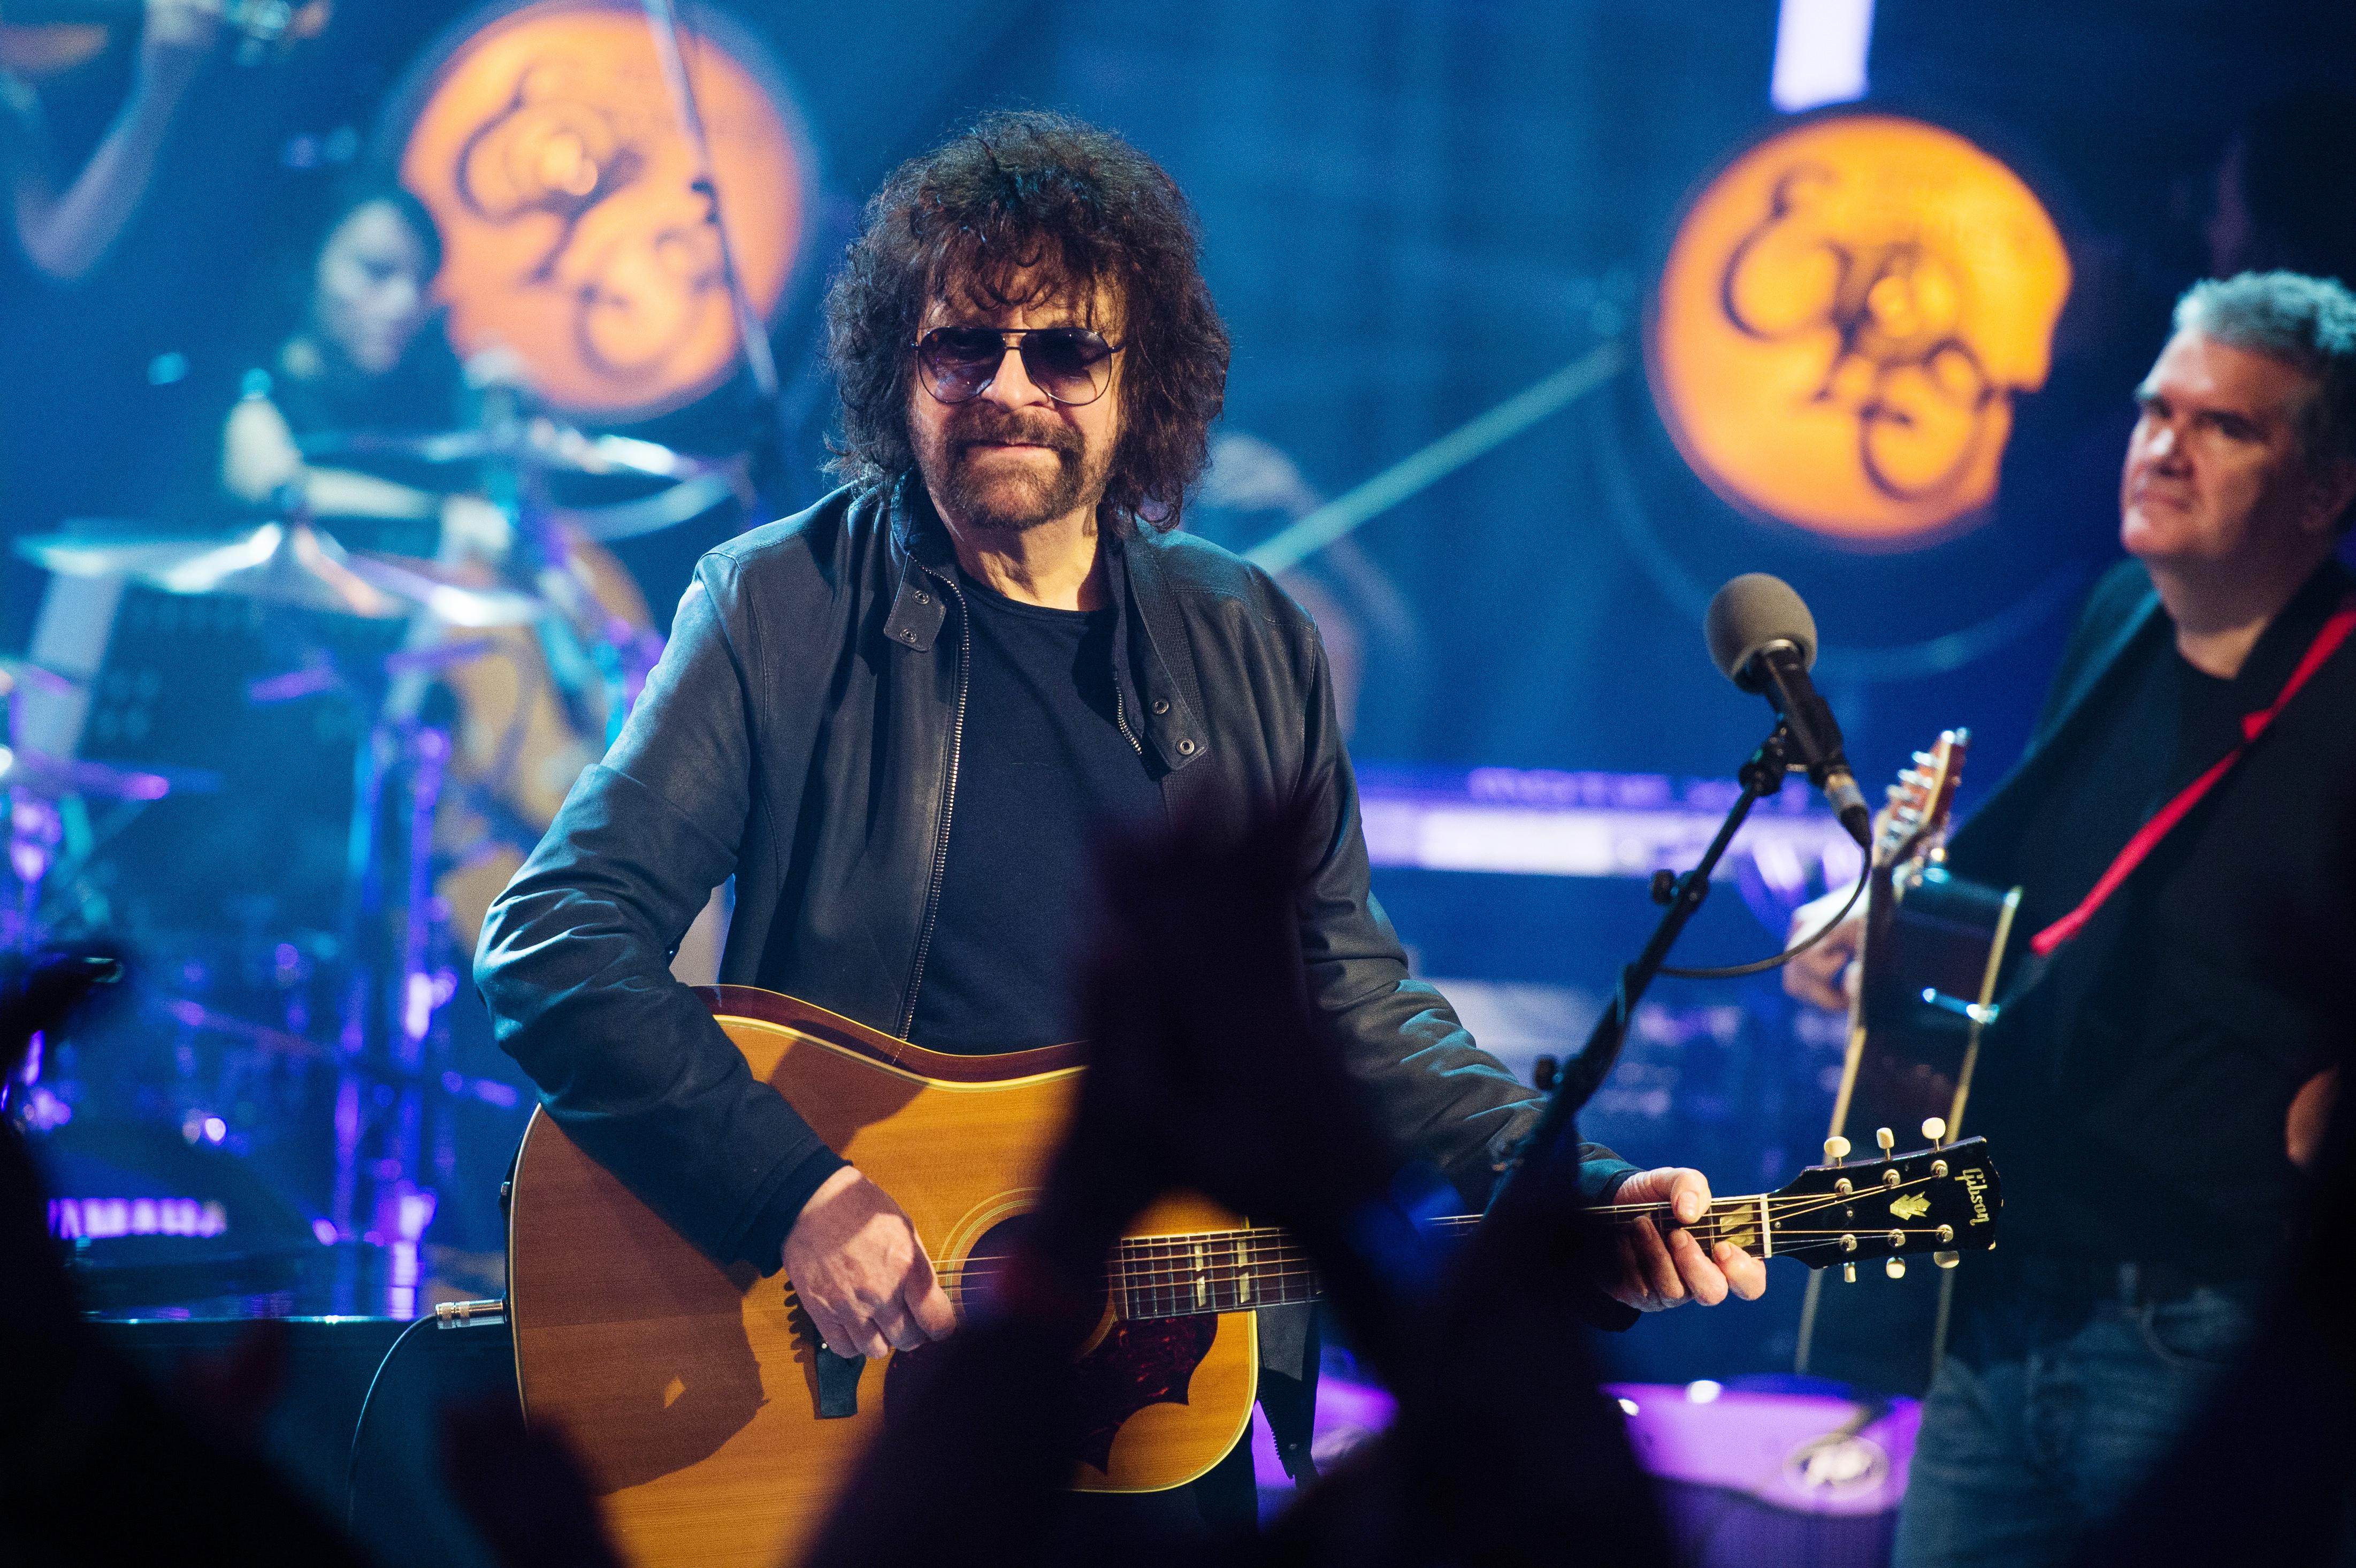 Elos Jeff Lynne My Life In 15 Songs Rolling Stone